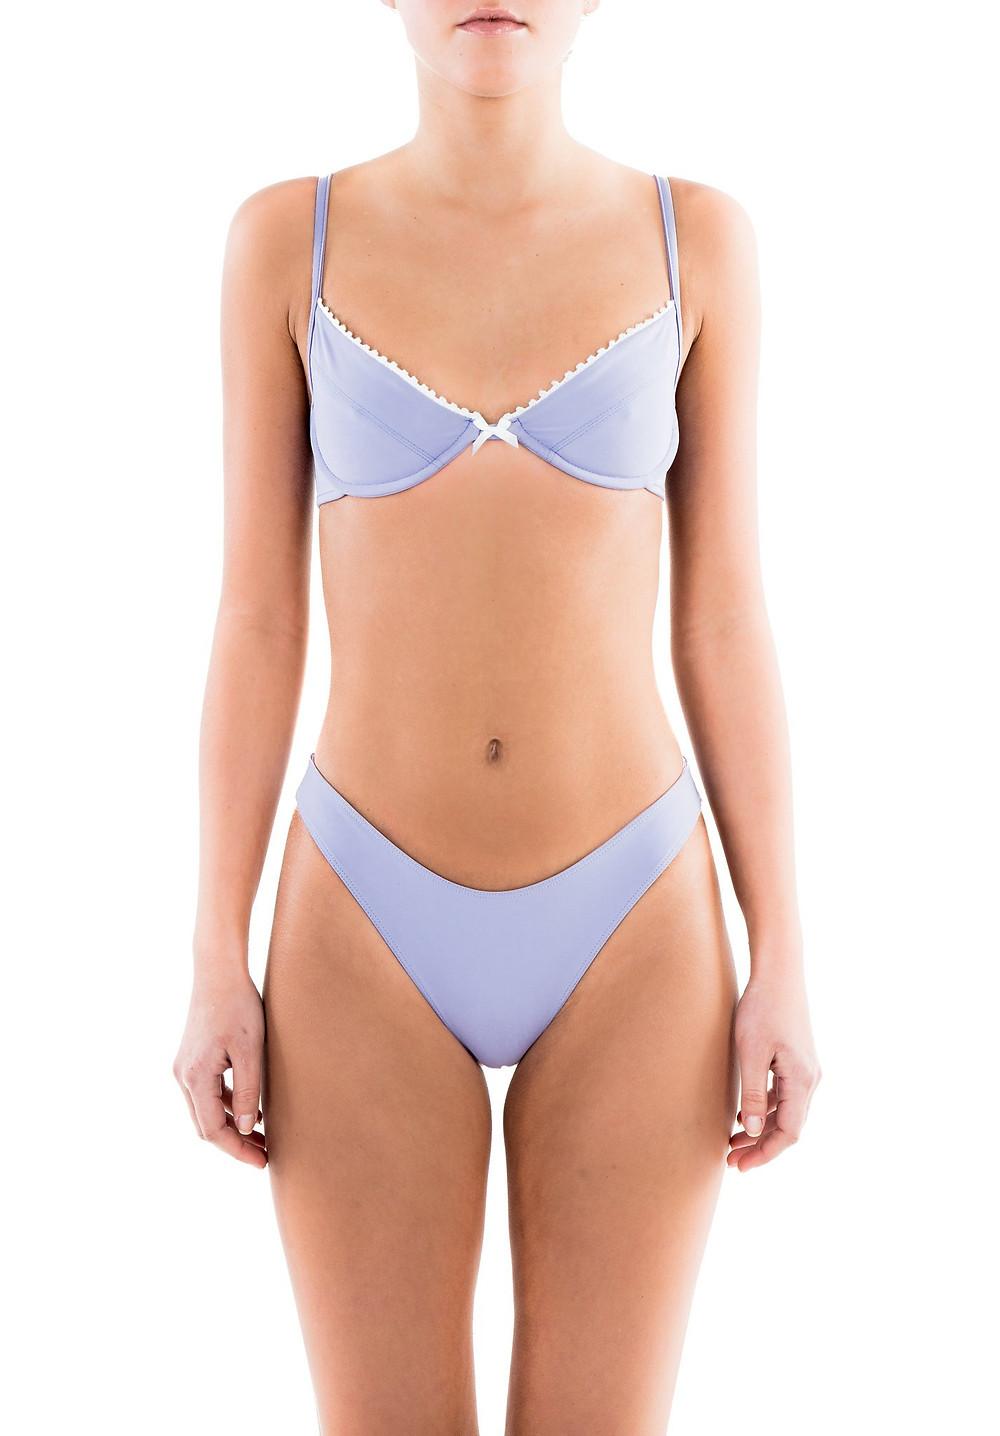 Bella Bra in Lavender by Bamba Swimwear